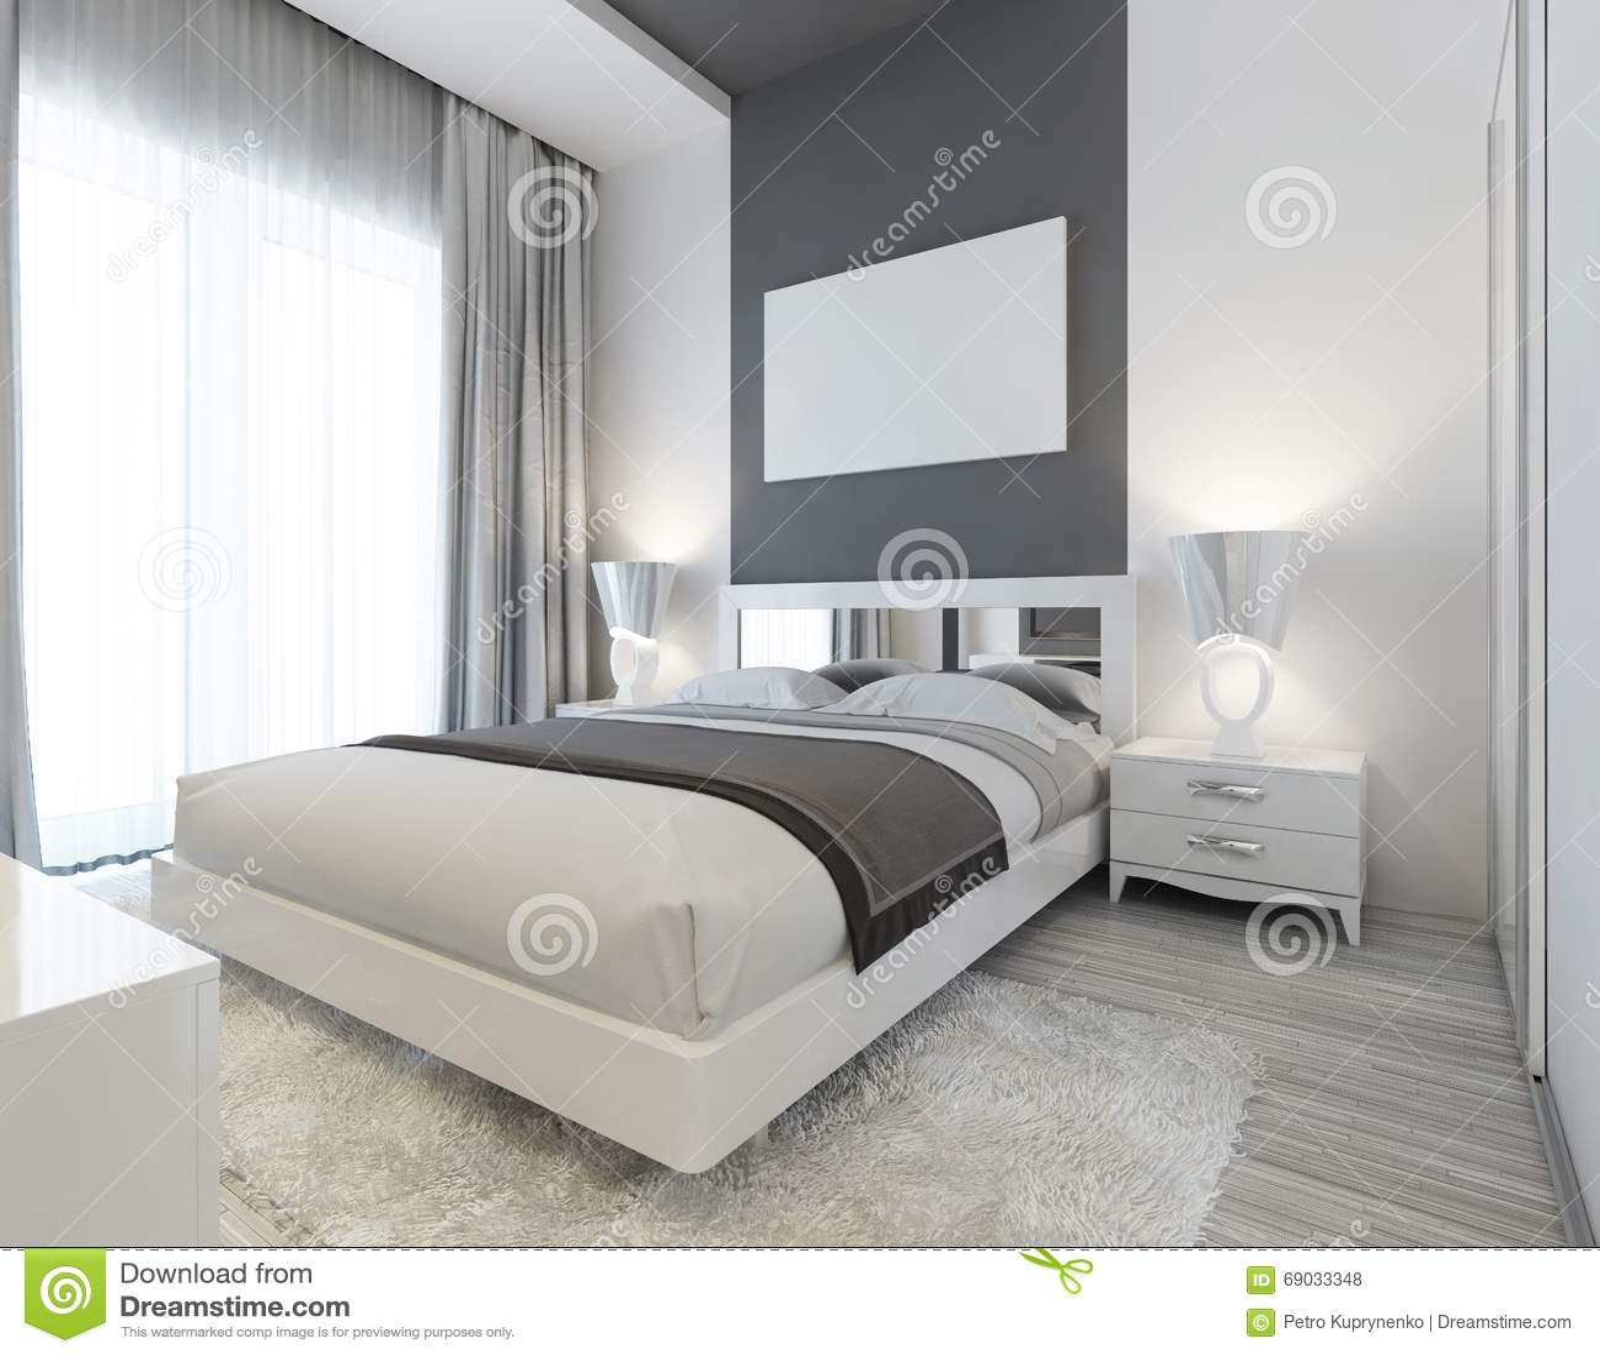 Sypialnia w art deco stylu w bielu i szaro kolorach ilustracji obraz 69033348 - Deco kamer vult ...